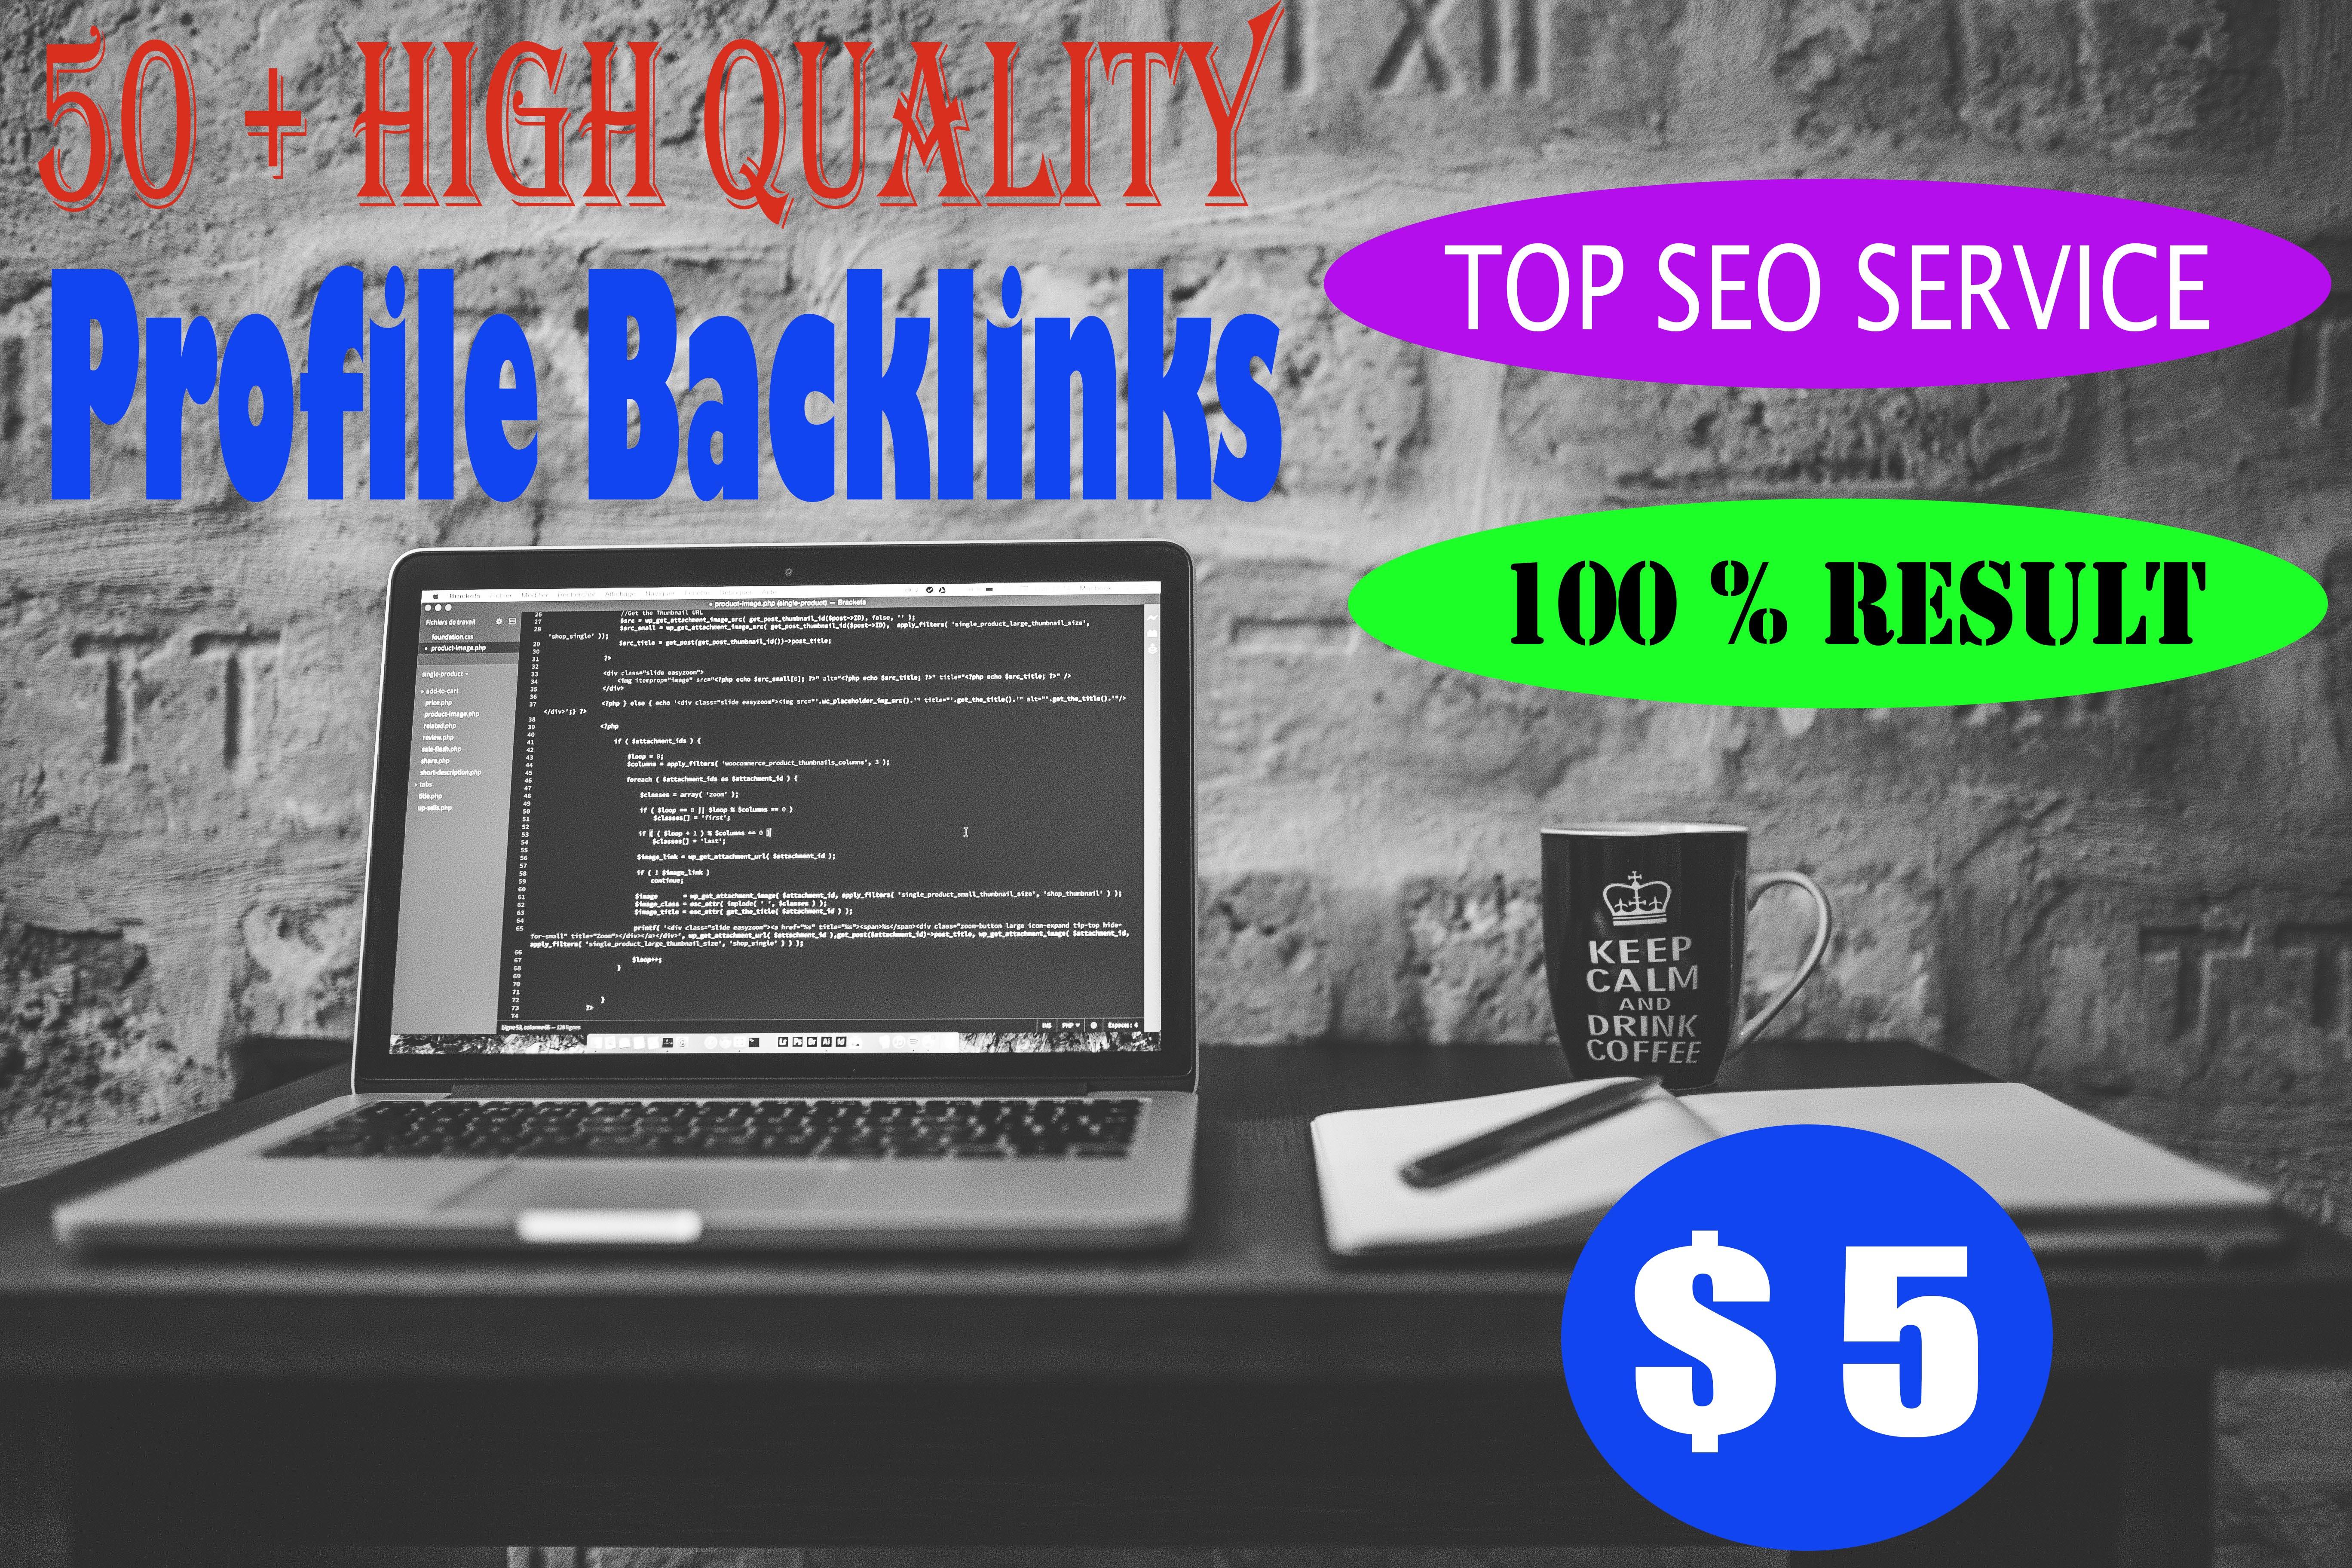 I will do high quality profile backlinks for website SEO